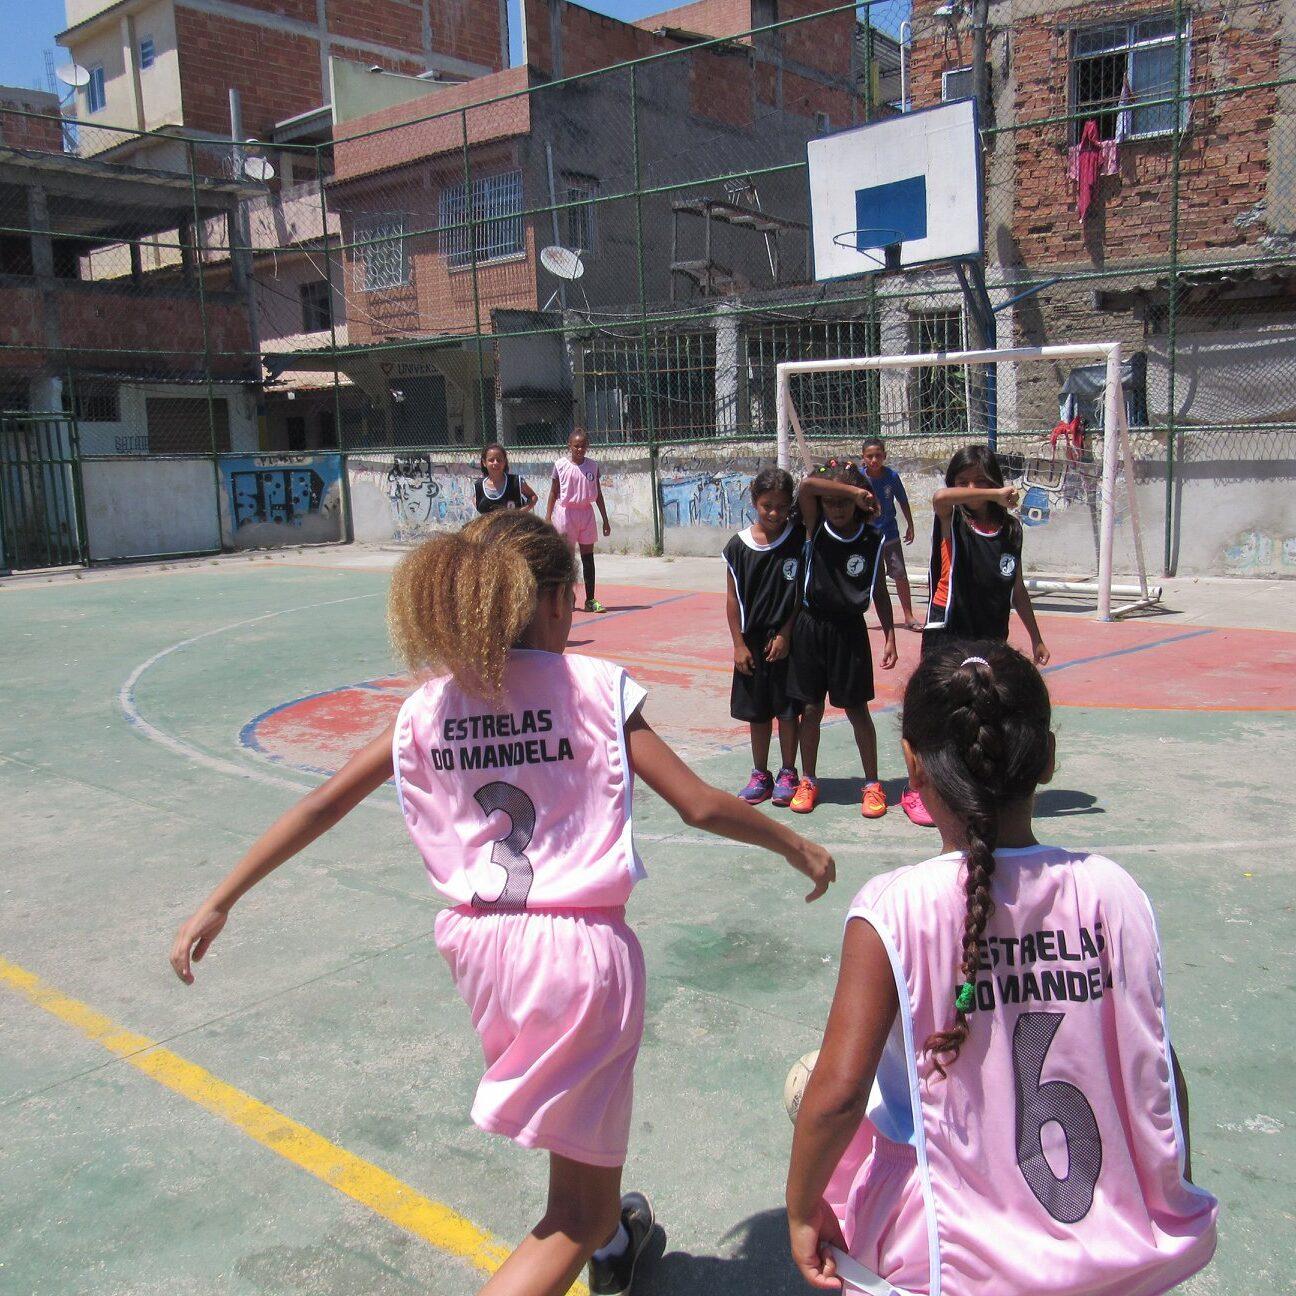 Imagem mostra meninas com uniforme rosa claro jogando futebol em uma quadra da comunidade